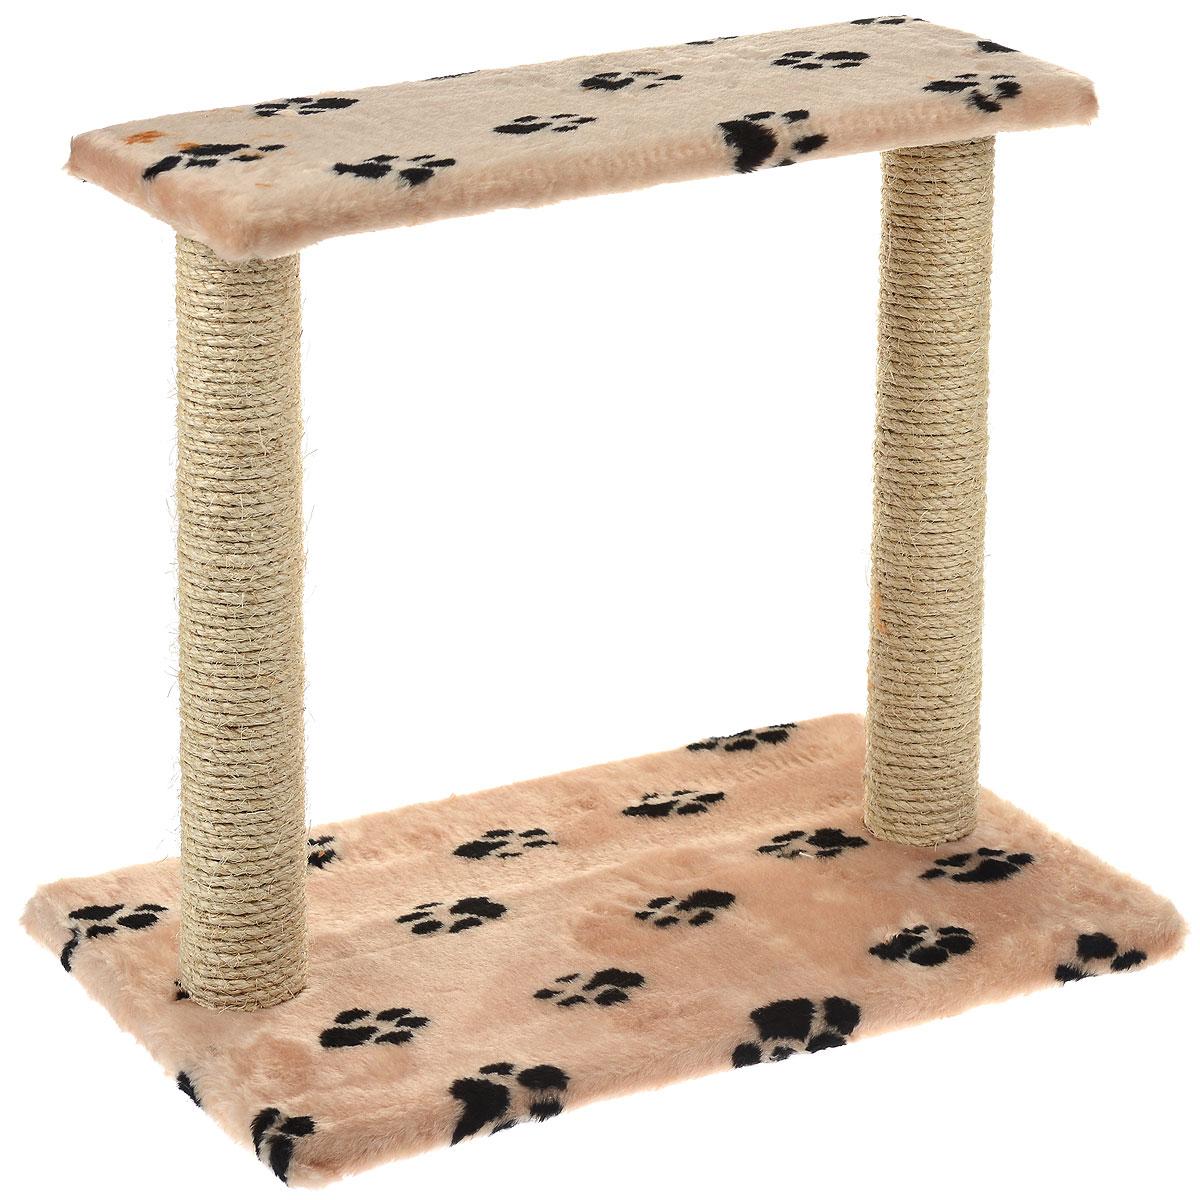 Когтеточка Пушок Двойная, сизаль, цвет: бежевый, 62 см х 55 см х 38 см12171996Когтеточка Пушок Двойная поможет сохранить мебель и ковры в доме от когтей вашего любимца, стремящегося удовлетворить свою естественную потребность точить когти. Когтеточка изготовлена из сизаля, прямоугольное основание выполнено из ДСП и обтянуто плюшем. Когтеточка декорирована изображением черных следов. Сверху два столба-когтеточки соединены площадкой. Товар продуман в мельчайших деталях и, несомненно, понравится вашей кошке. Всем кошкам необходимо стачивать когти. Когтеточка - один из самых необходимых аксессуаров для кошки. Для приучения к когтеточке можно натереть ее сухой валерьянкой или кошачьей мятой. Когтеточка поможет вашему любимцу стачивать когти и при этом не портить вашу мебель.